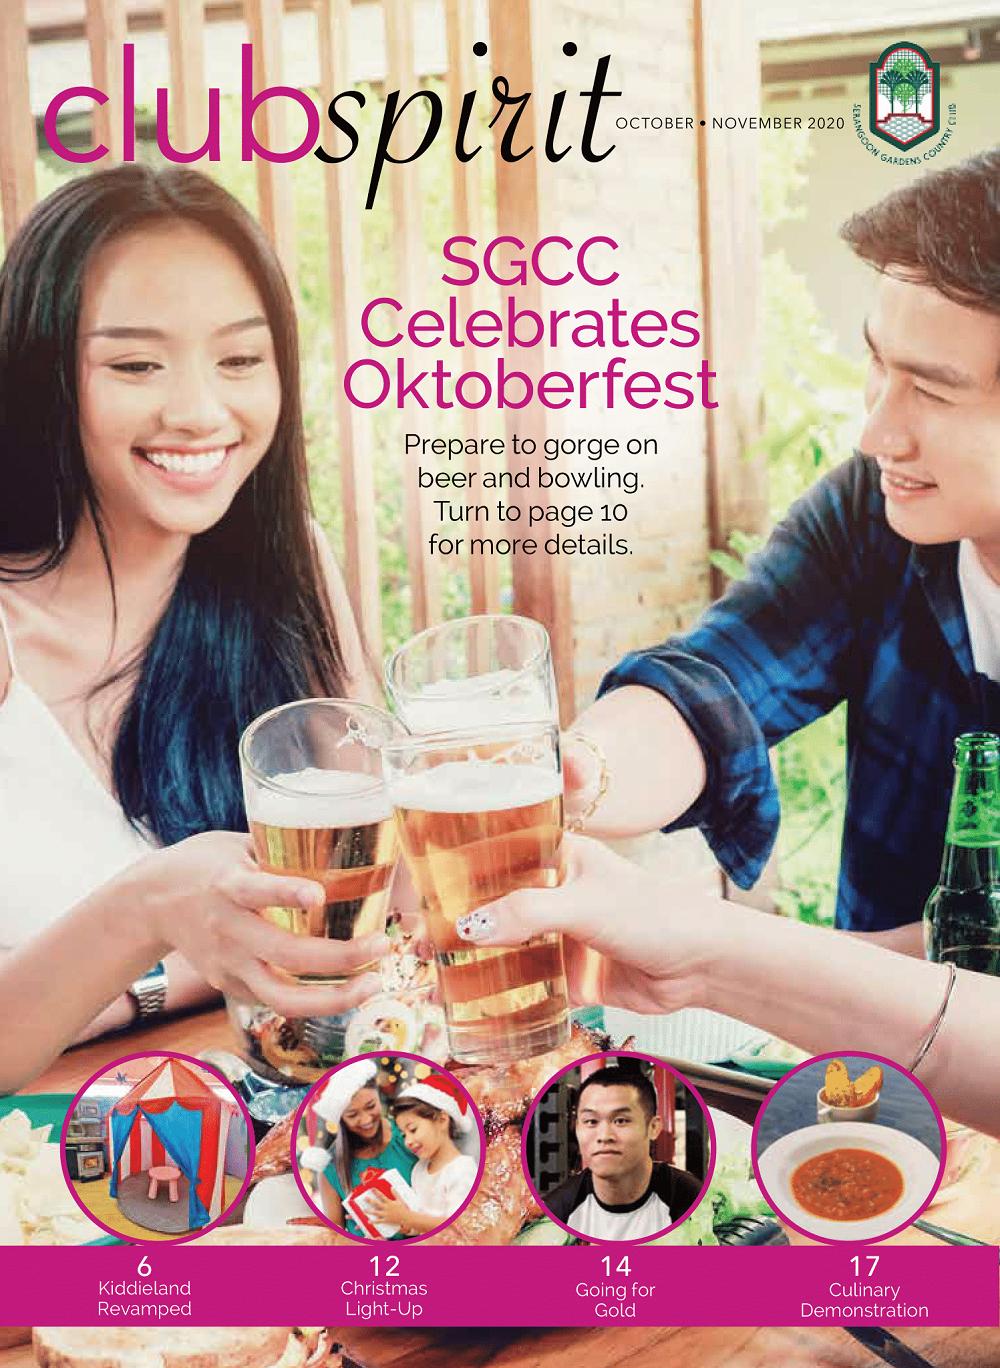 Club Spirit Oct-Nov 2020 19 Oct-01